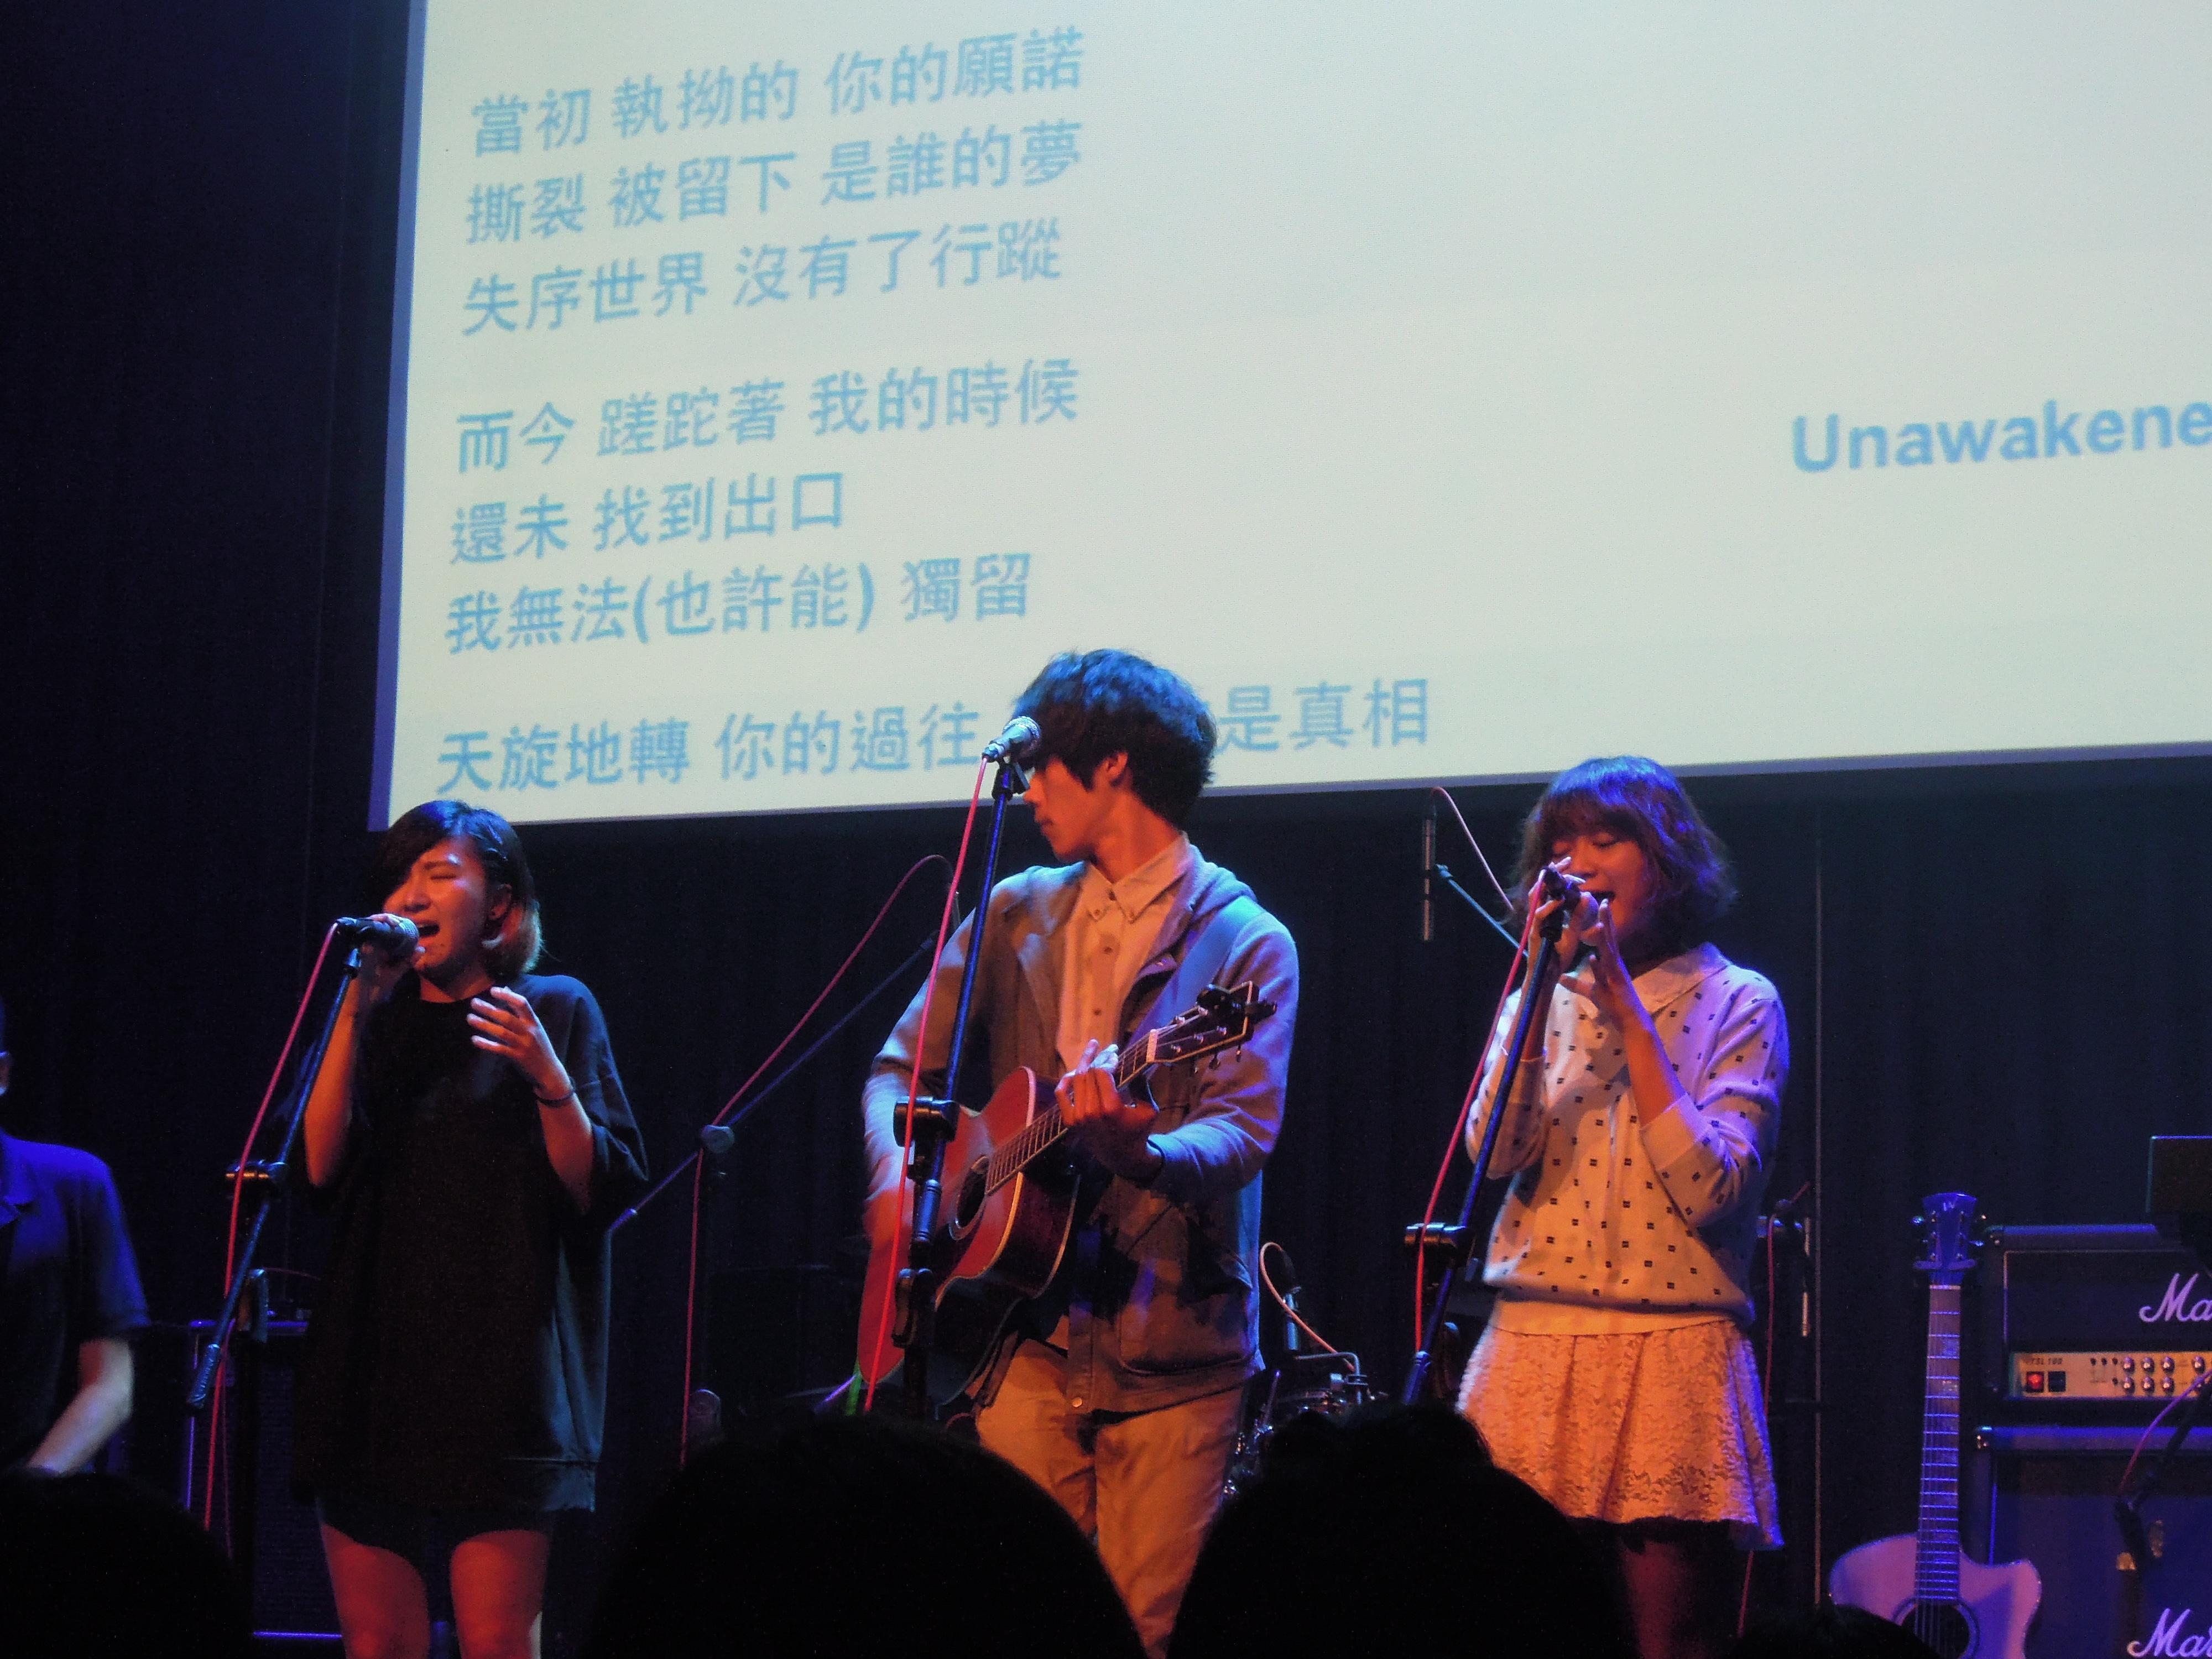 「未星未星 Unawakened Planet」在舞台上賣力演出。 圖/鄭晏欣攝